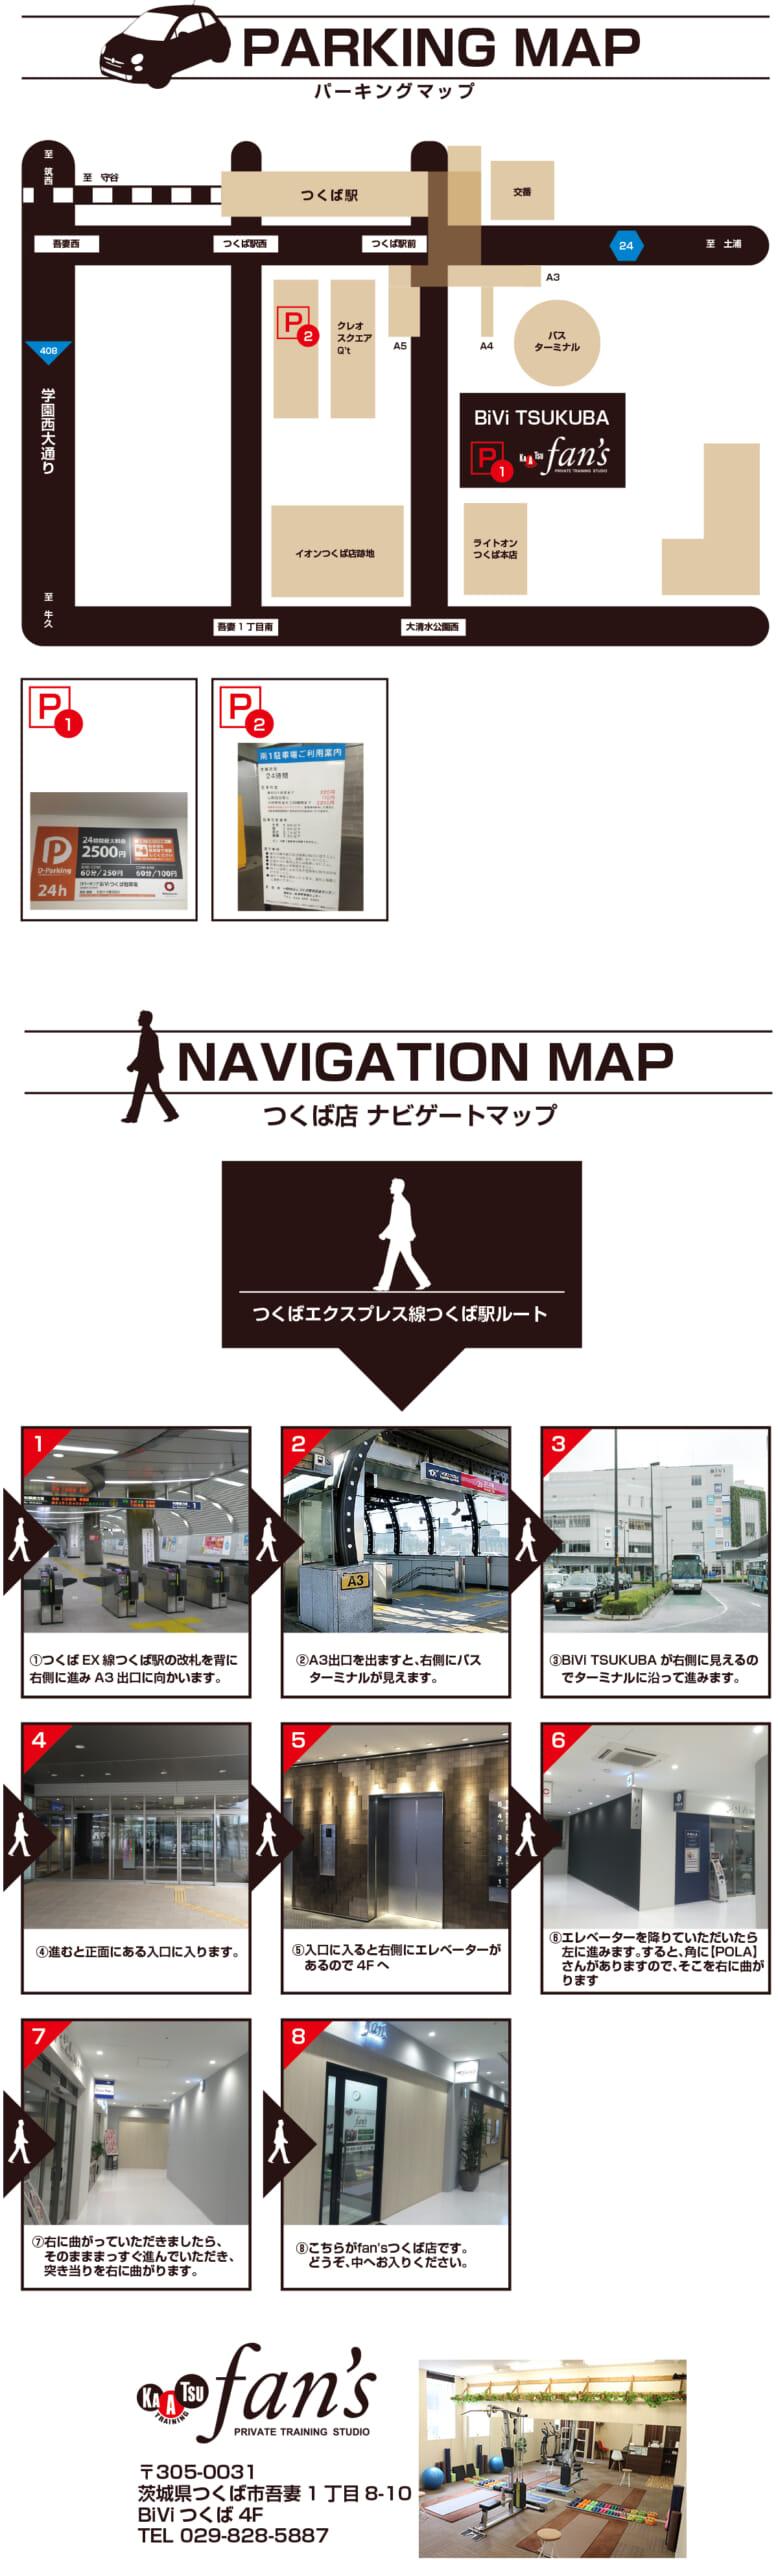 fan'sつくば店パーキングマップ